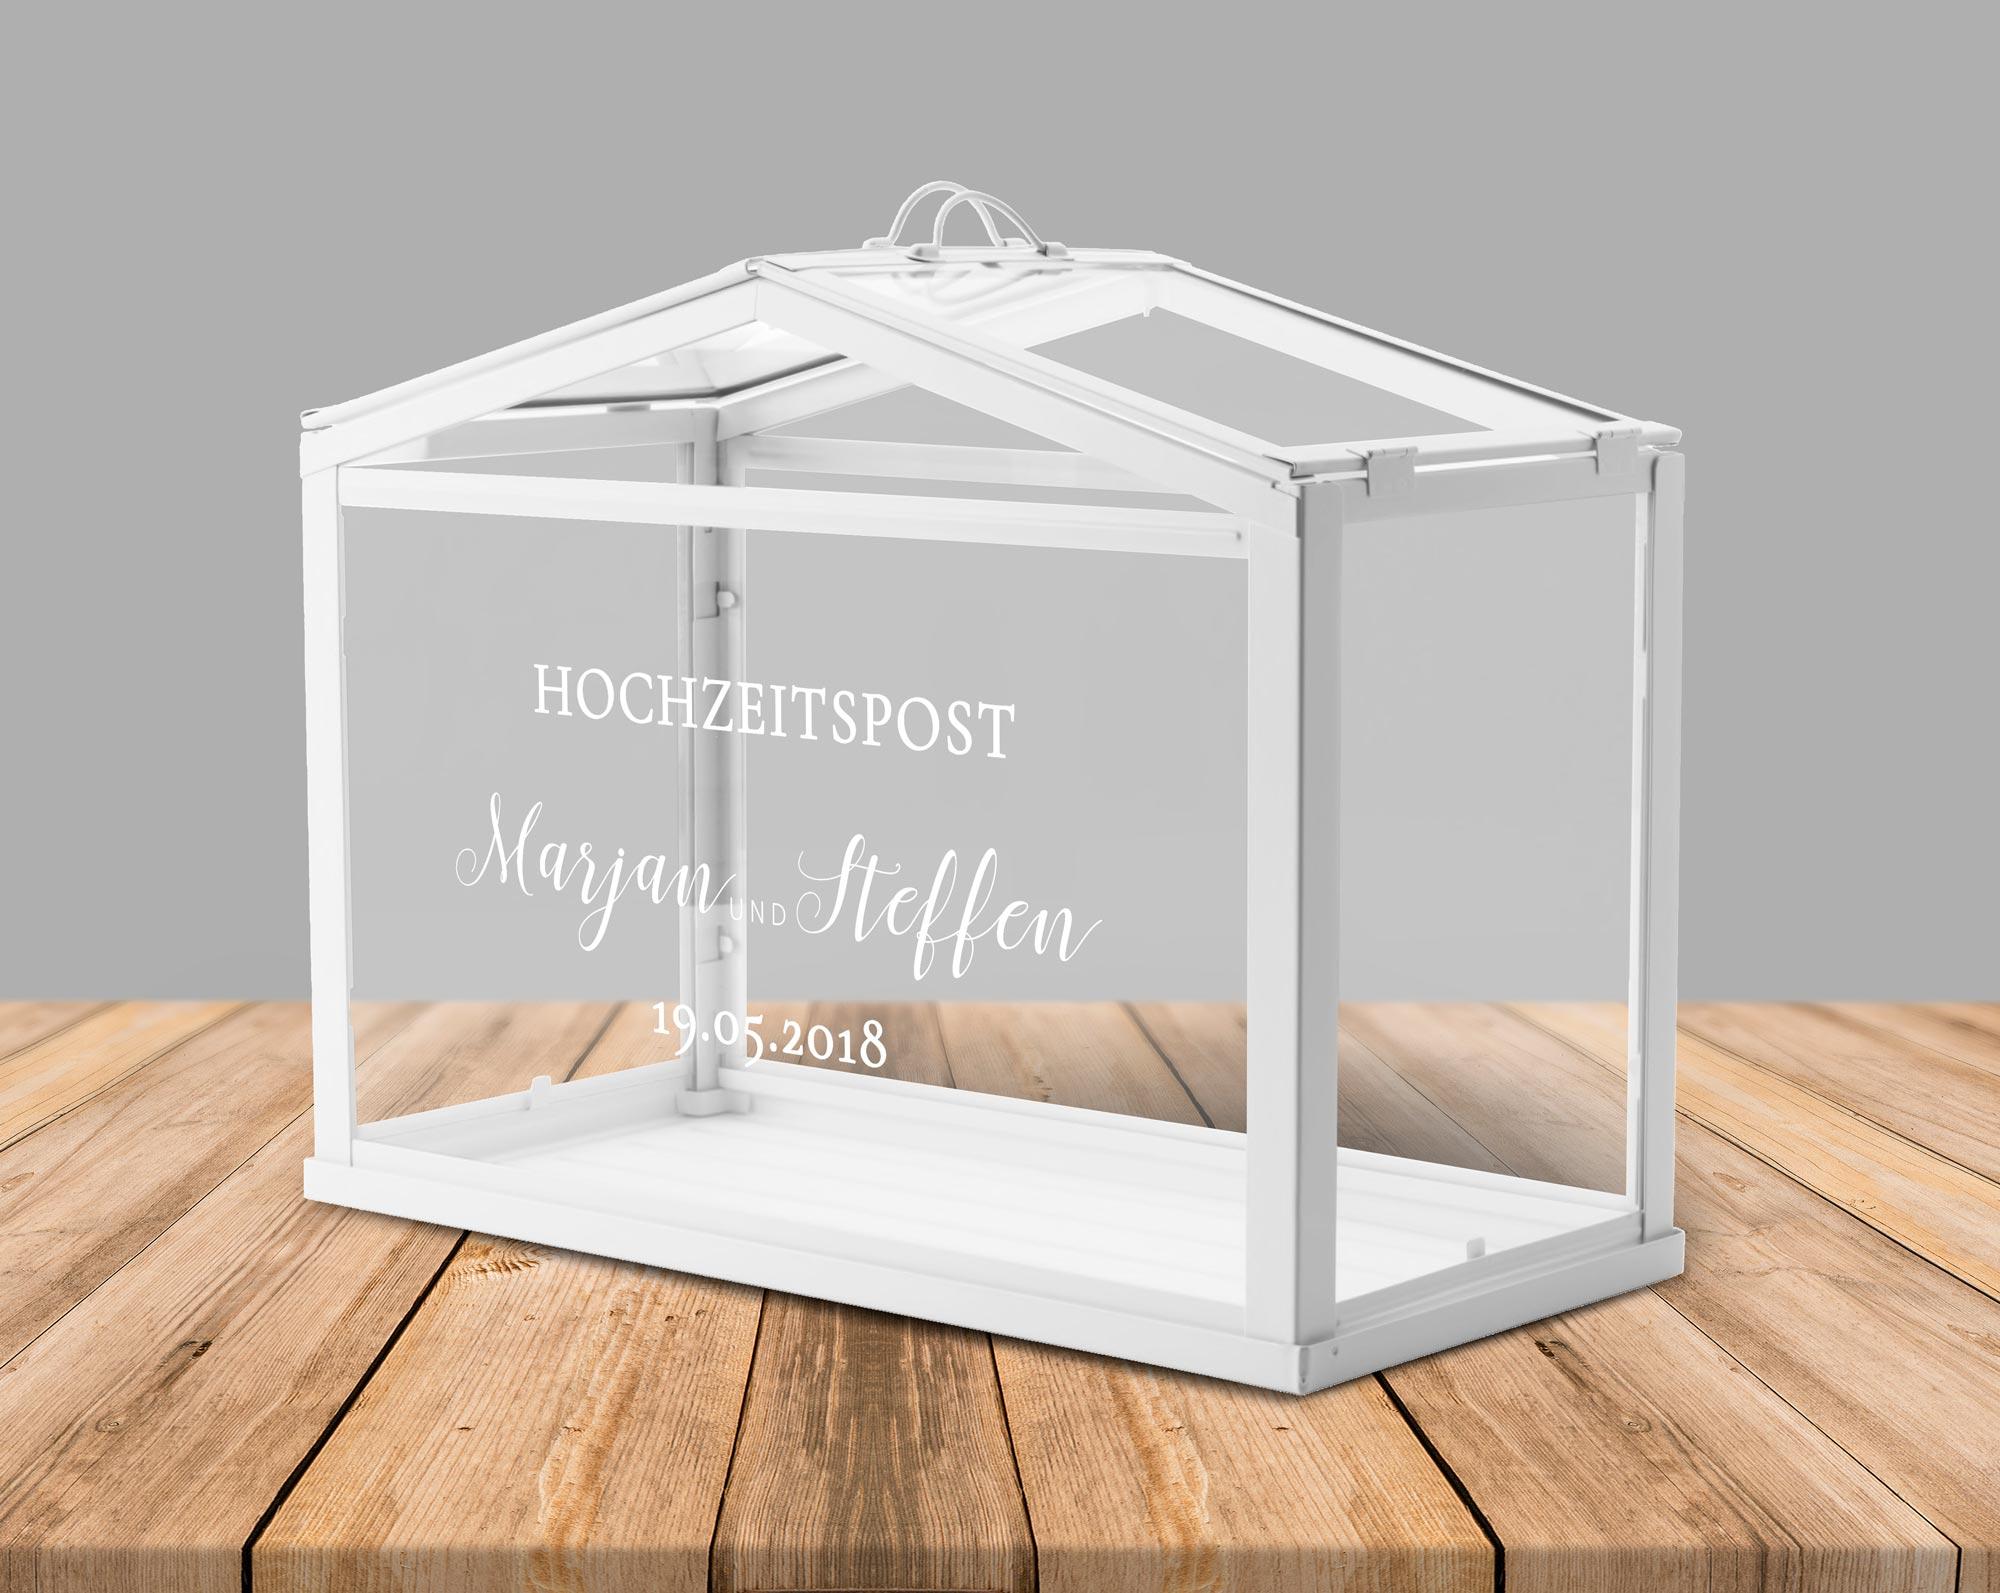 Kartenbox Hochzeit Glas.Aufkleber Fur Hochzeitspost Box Gewachshaus Fur Geldgeschenke Und Karten Zur Hochzeit Personalisiert